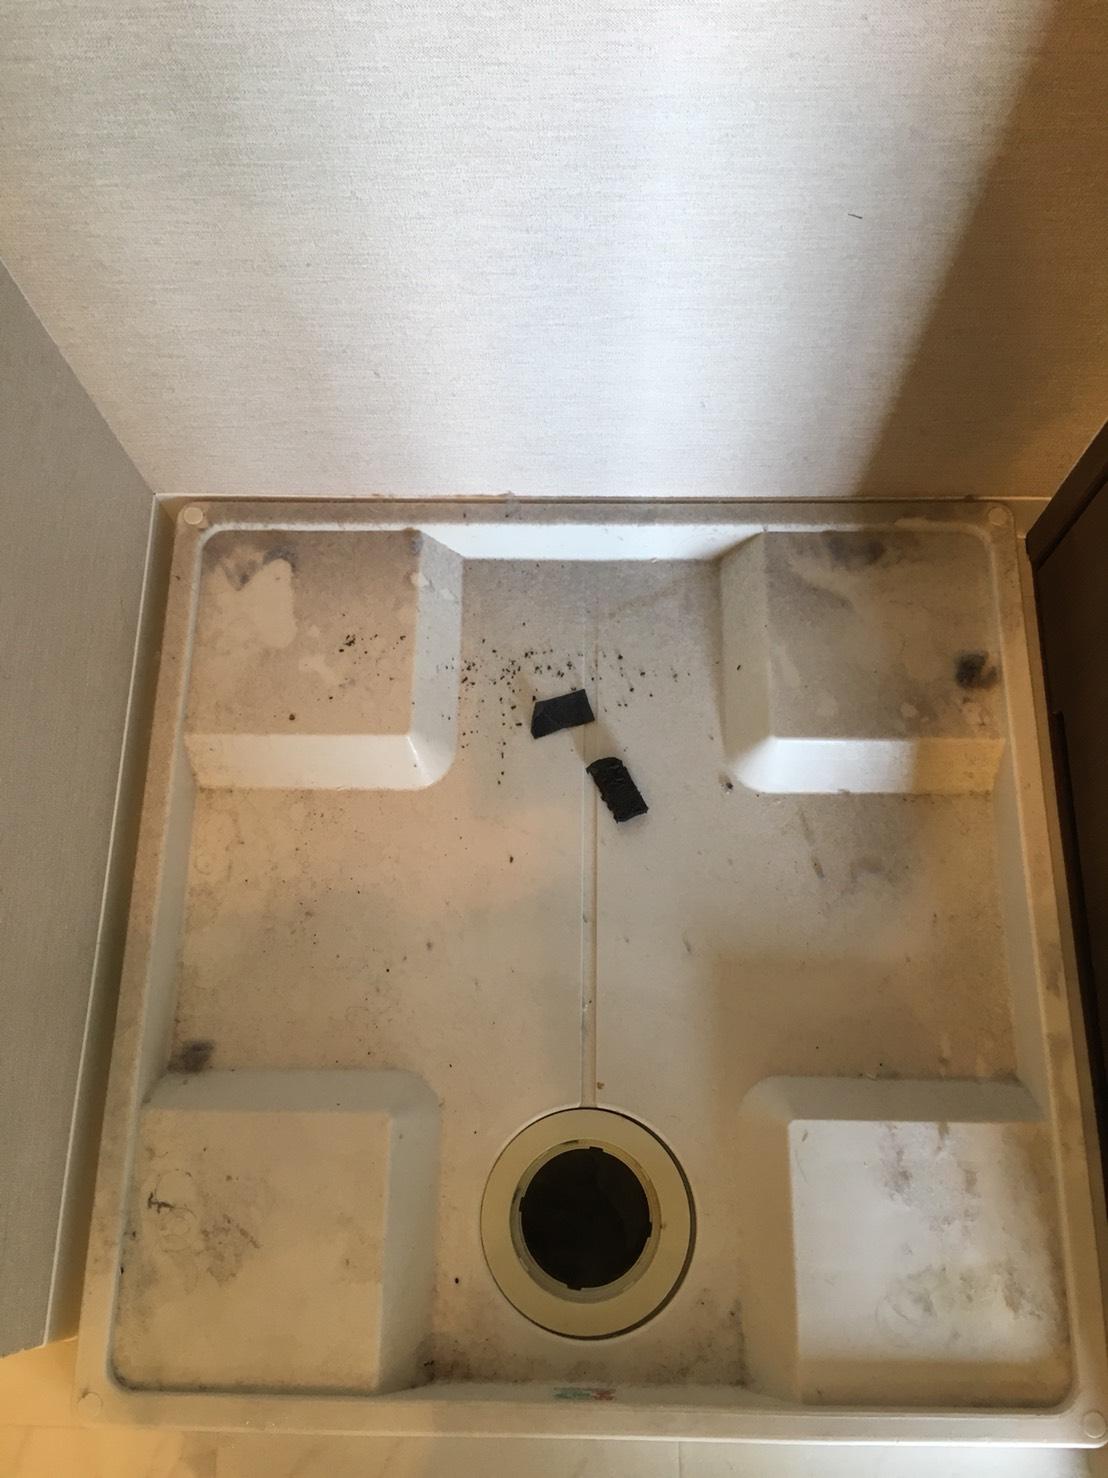 月に1度!洗濯機の排水口が汚れている?洗濯機からするイヤな臭い?おそうじプラスにお任せください!お掃除をする事で日々の生活環境をよくしていきます!